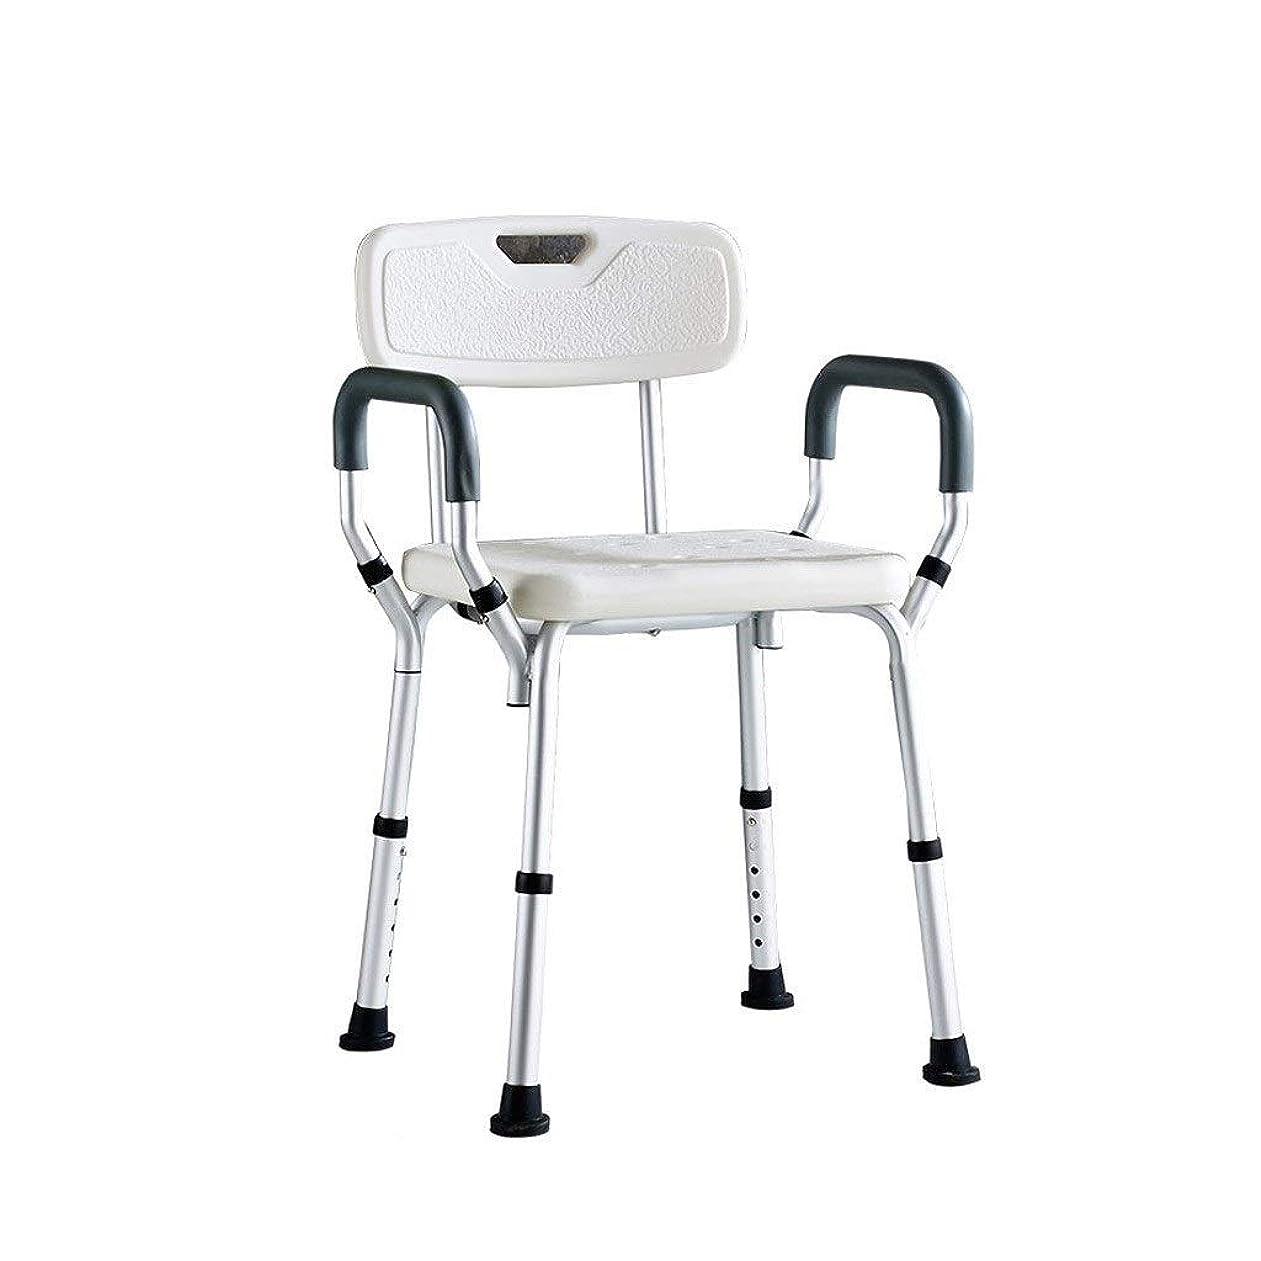 殉教者滅びる病気のLILIS ポータブルトイレ トイレ椅子 シャワースツール、妊娠中の女性の滑り止めのシャワーチェア、アームレストと背もたれ付きの高齢者のバスチェア、調節可能な6の高さ